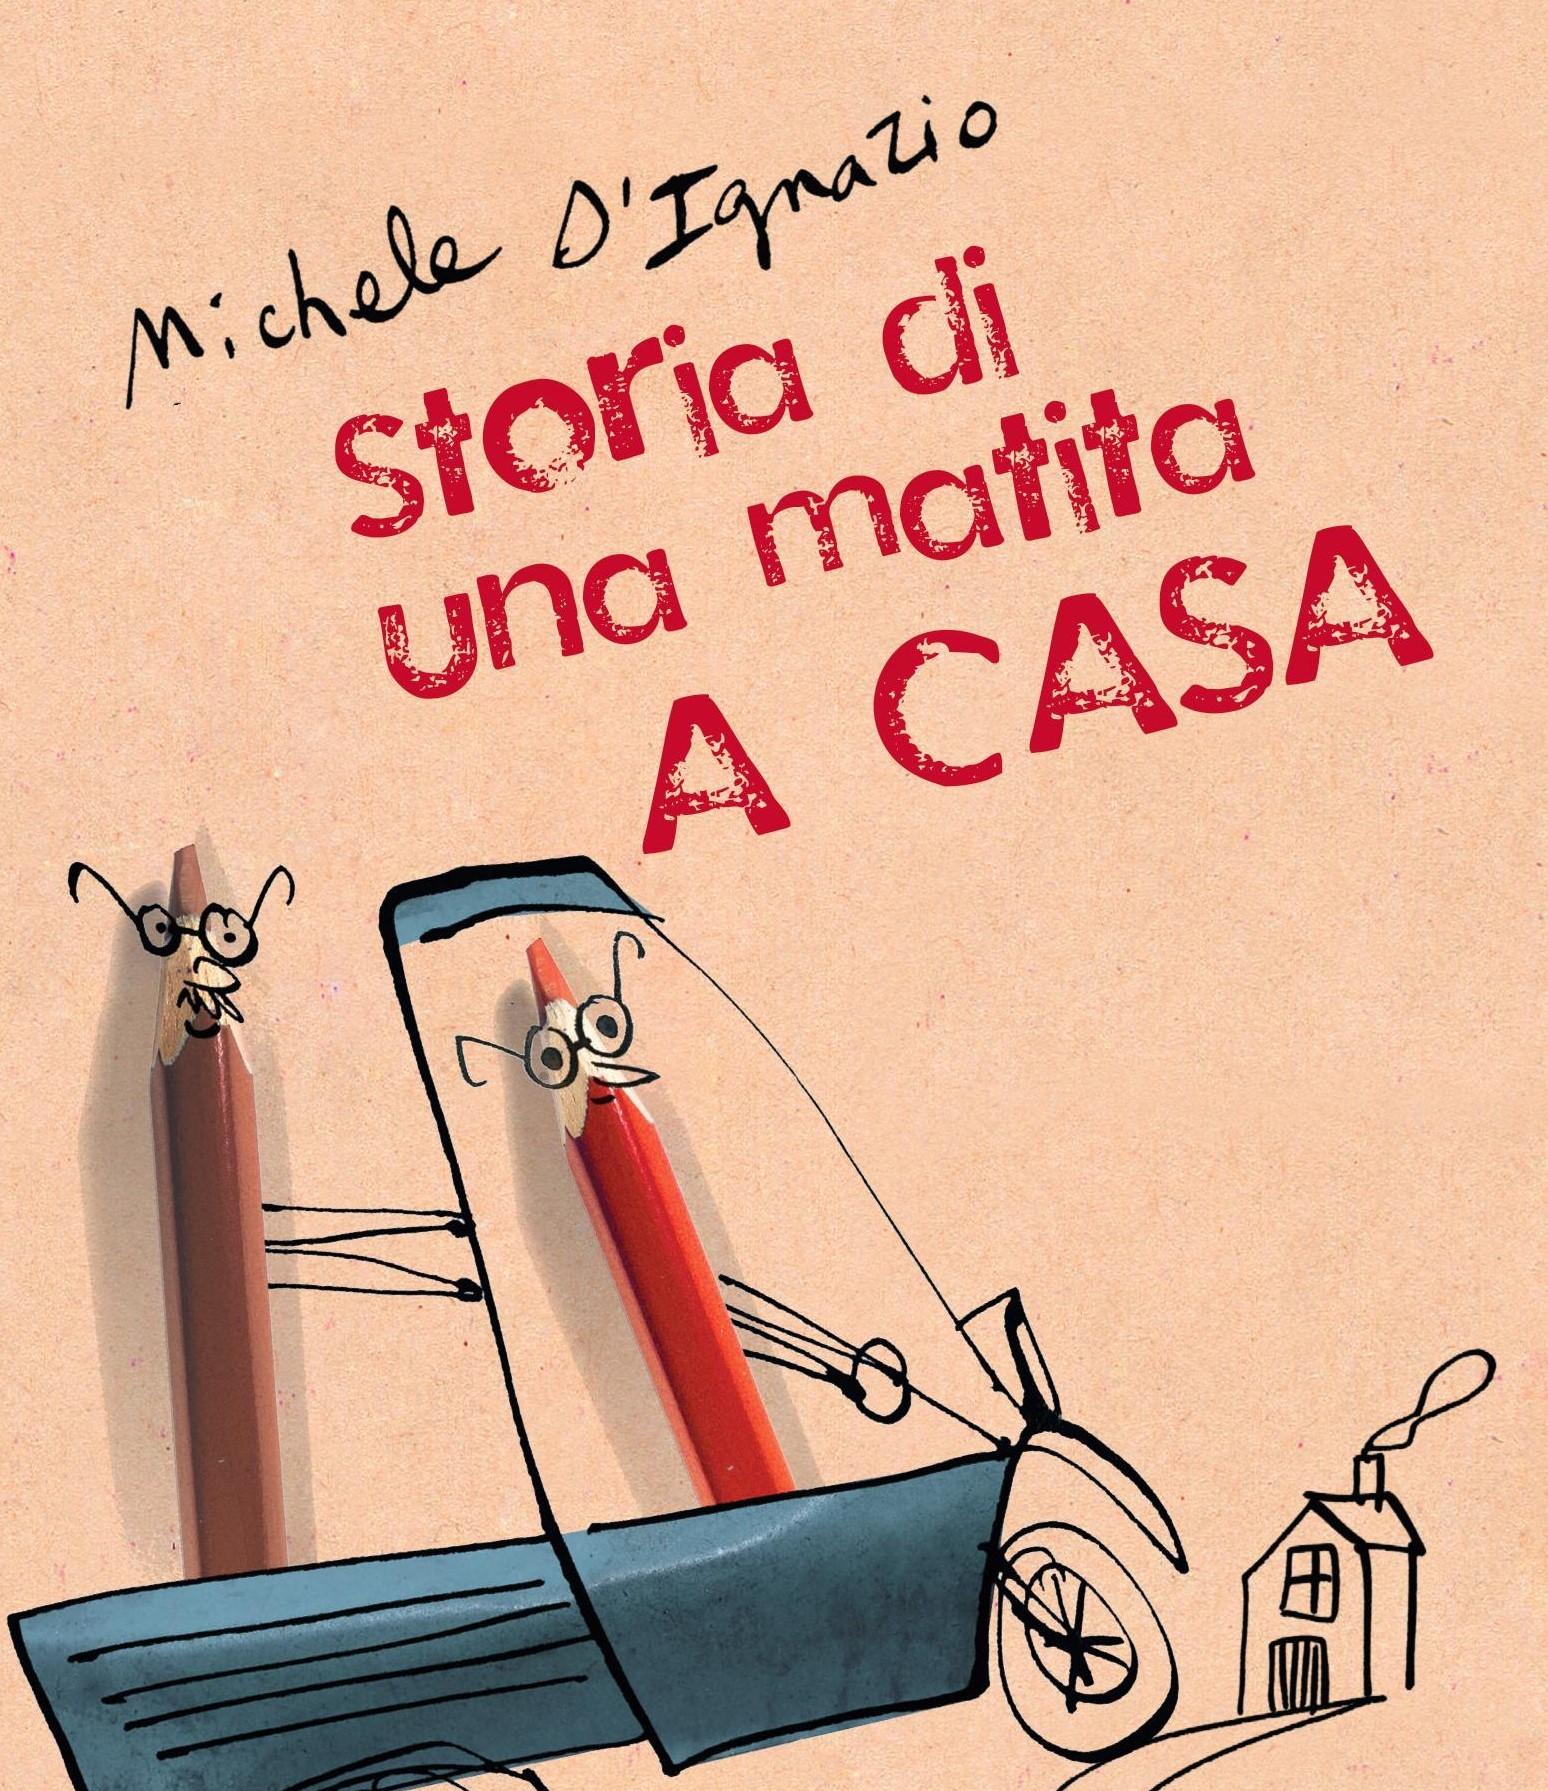 Michele d 39 ignazio presenta storia di una matita a casa for Piani di una casa di pensionamento storia